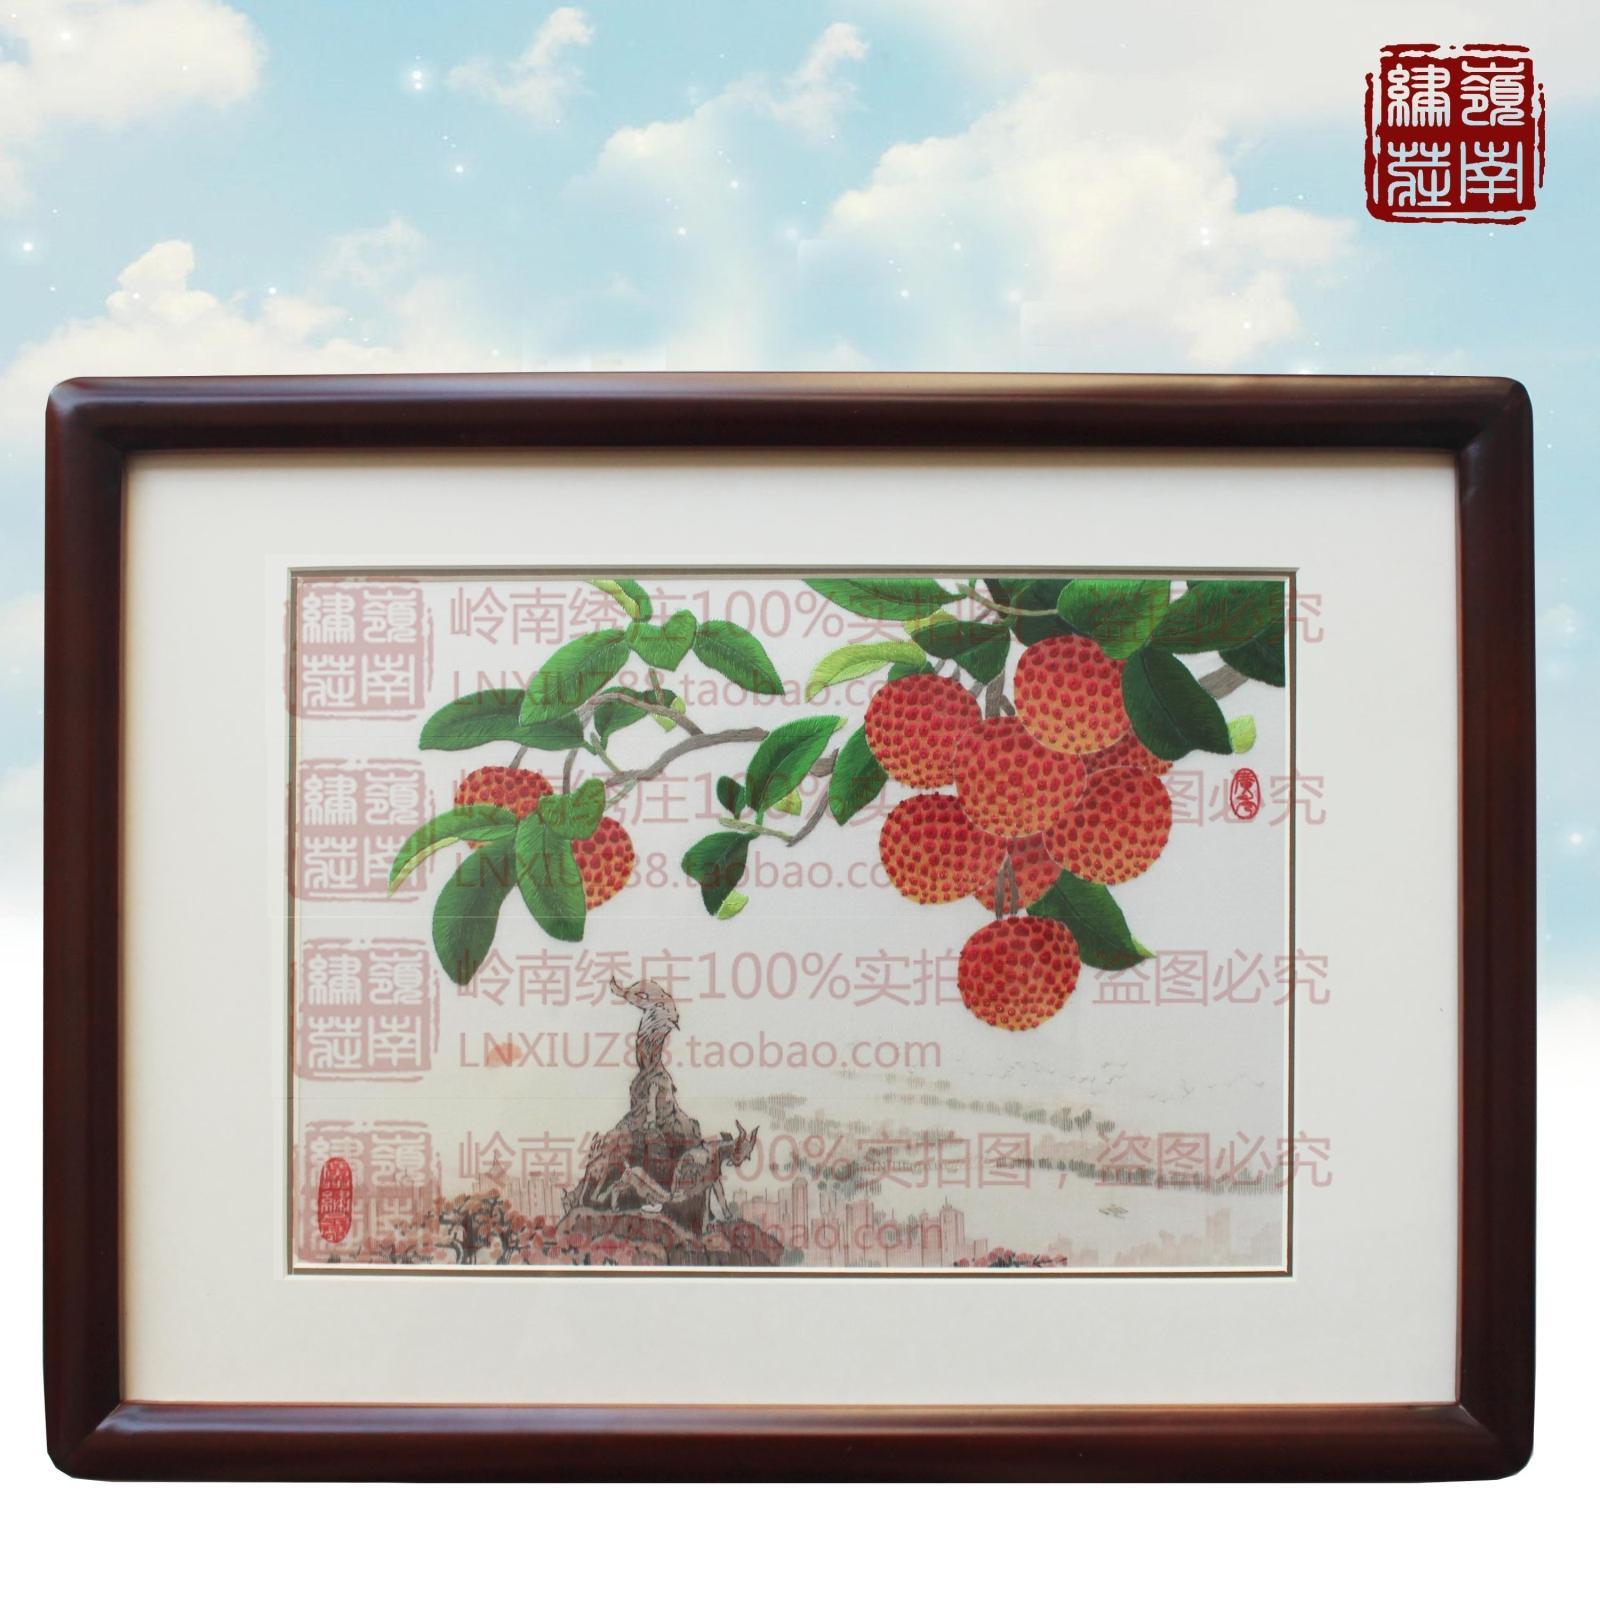 Широкий вышивать провинция гуандун вышивать дежурные в осень подарок wuyang нефелиум исключительно вручную вышивка